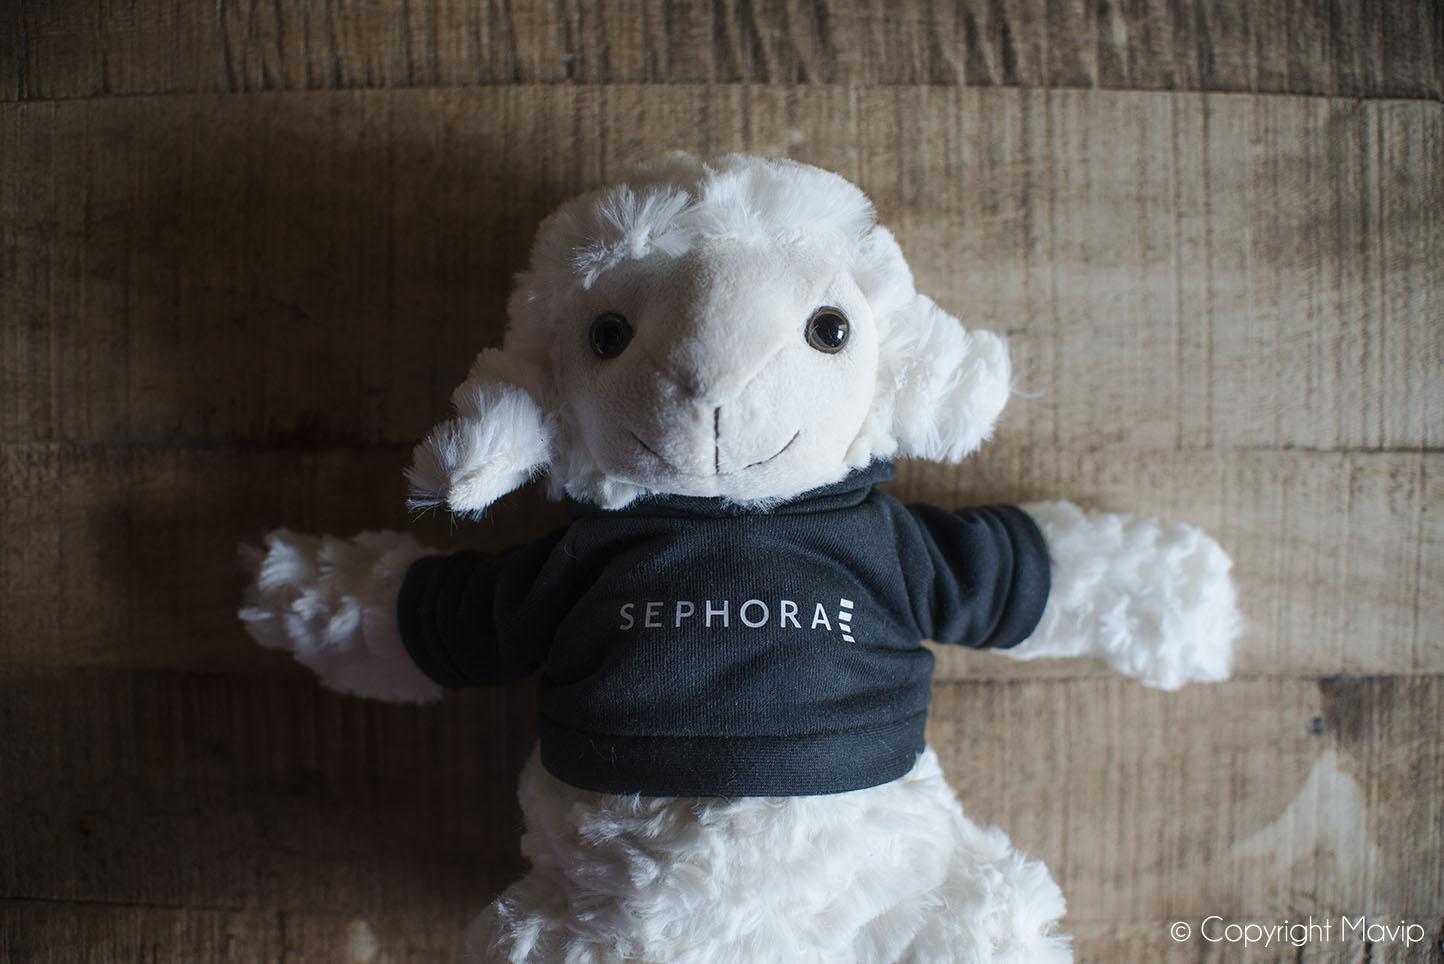 Peluches mouton personnalisables avec logo réalisés pour Sephora par Mavip